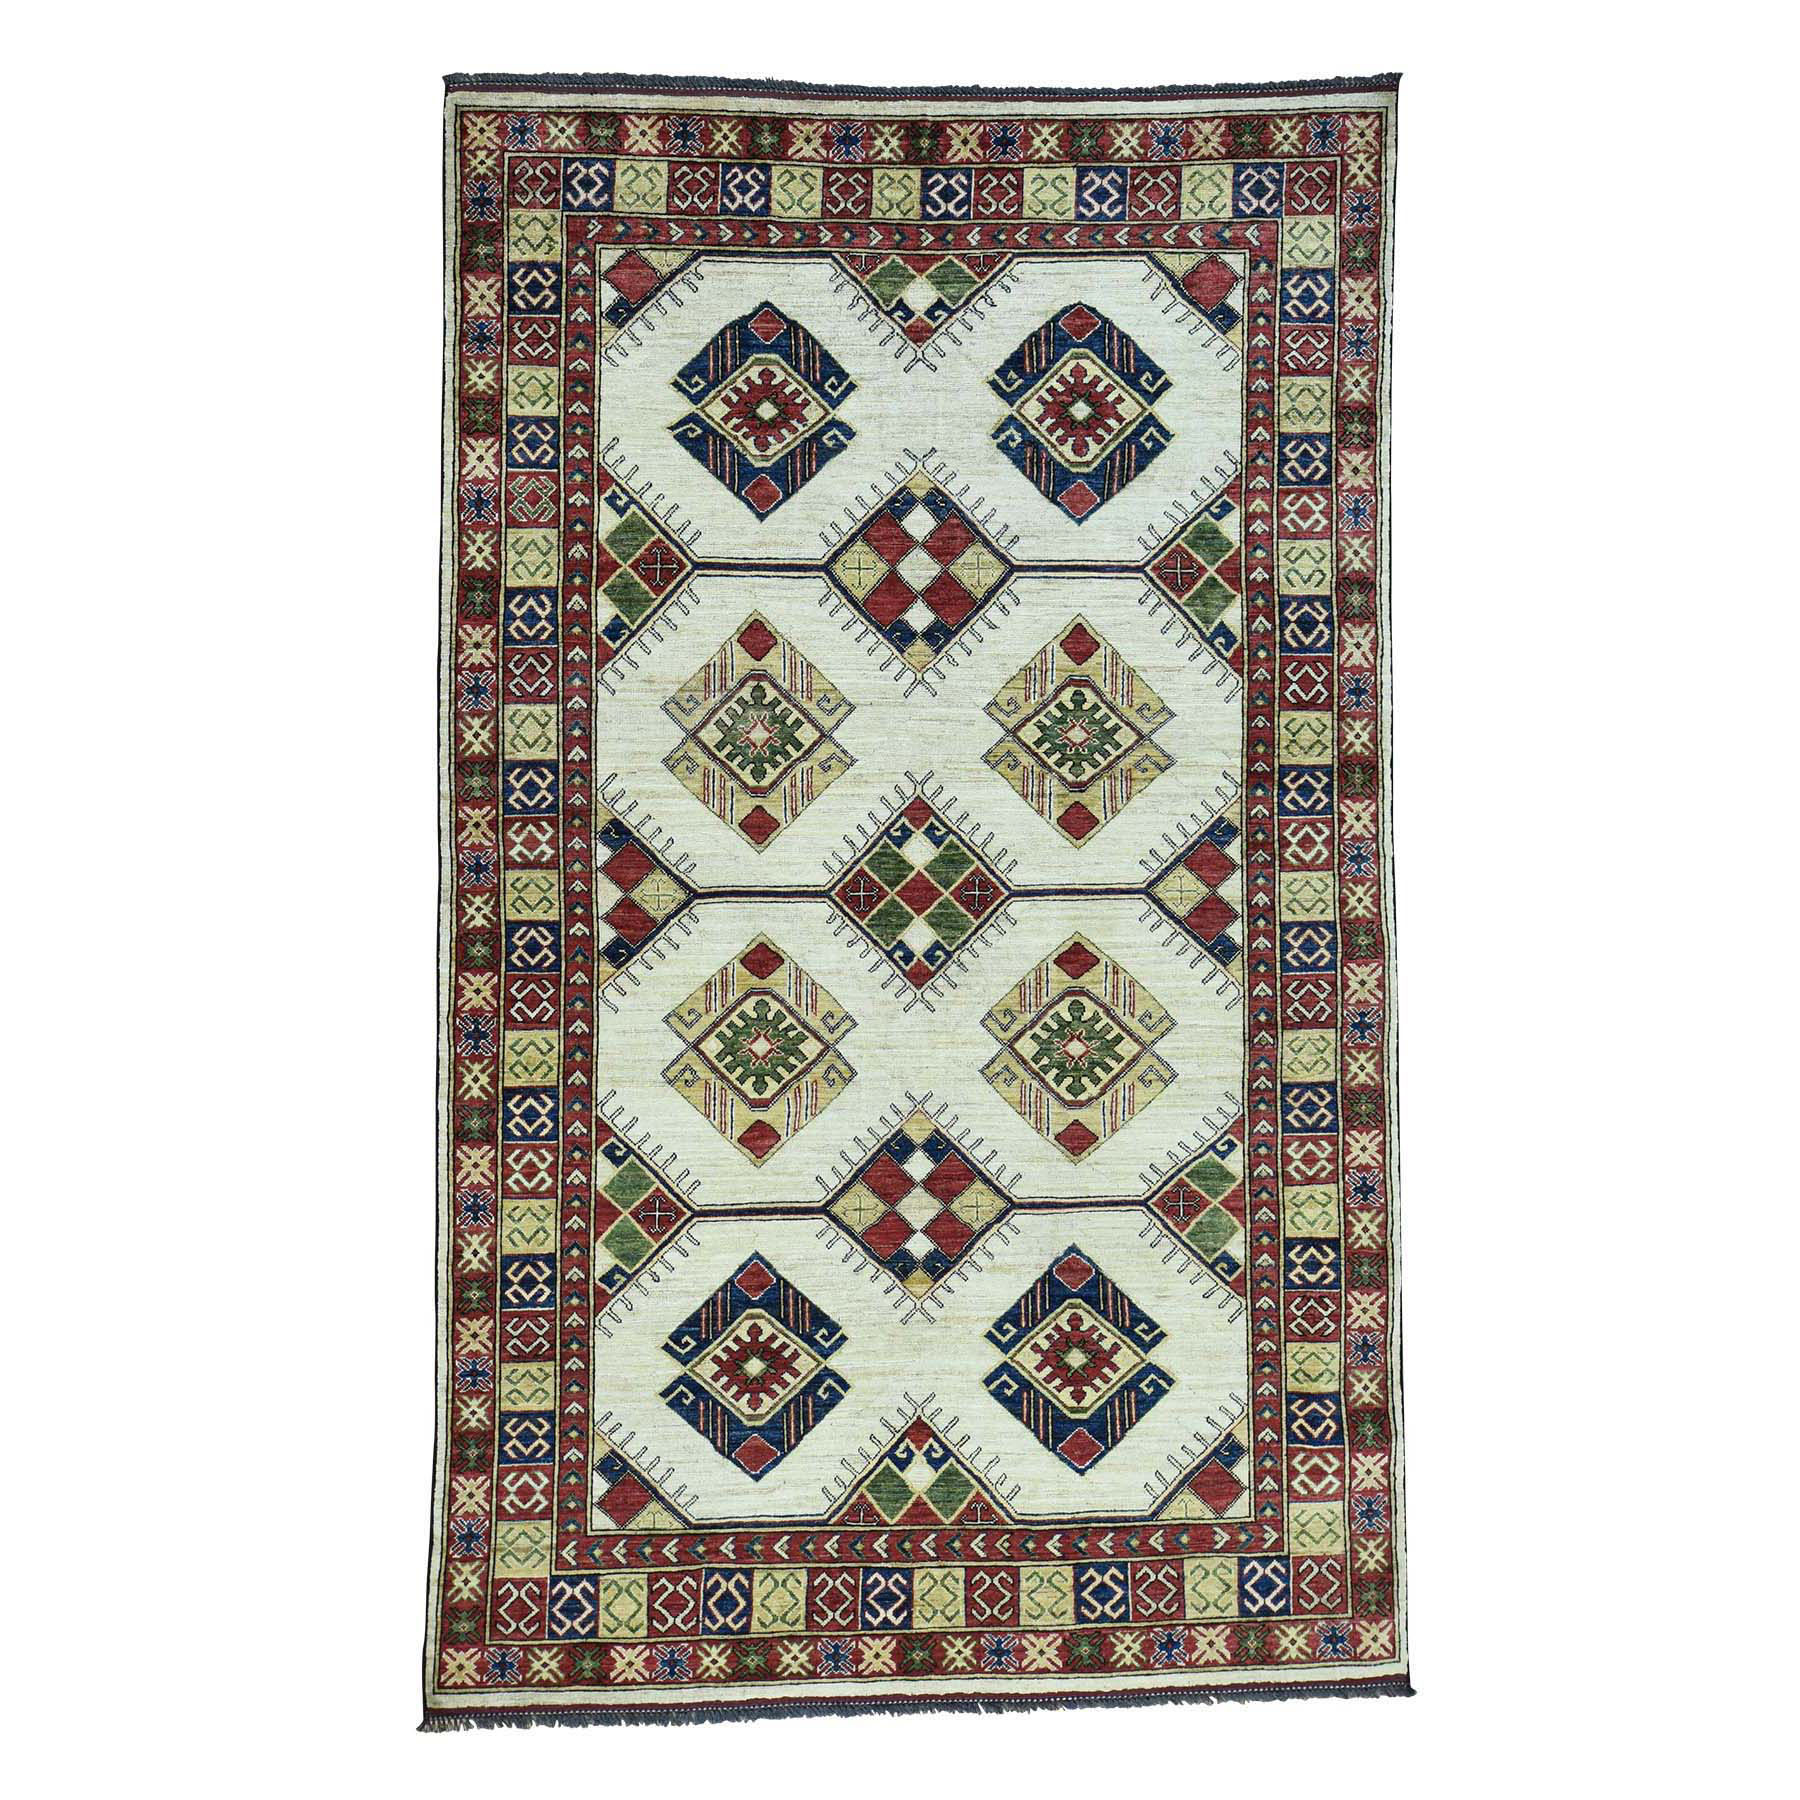 6'X10' 100 Percent Wool Hand-Knotted Turkoman Ersari Oriental Rug moacced7